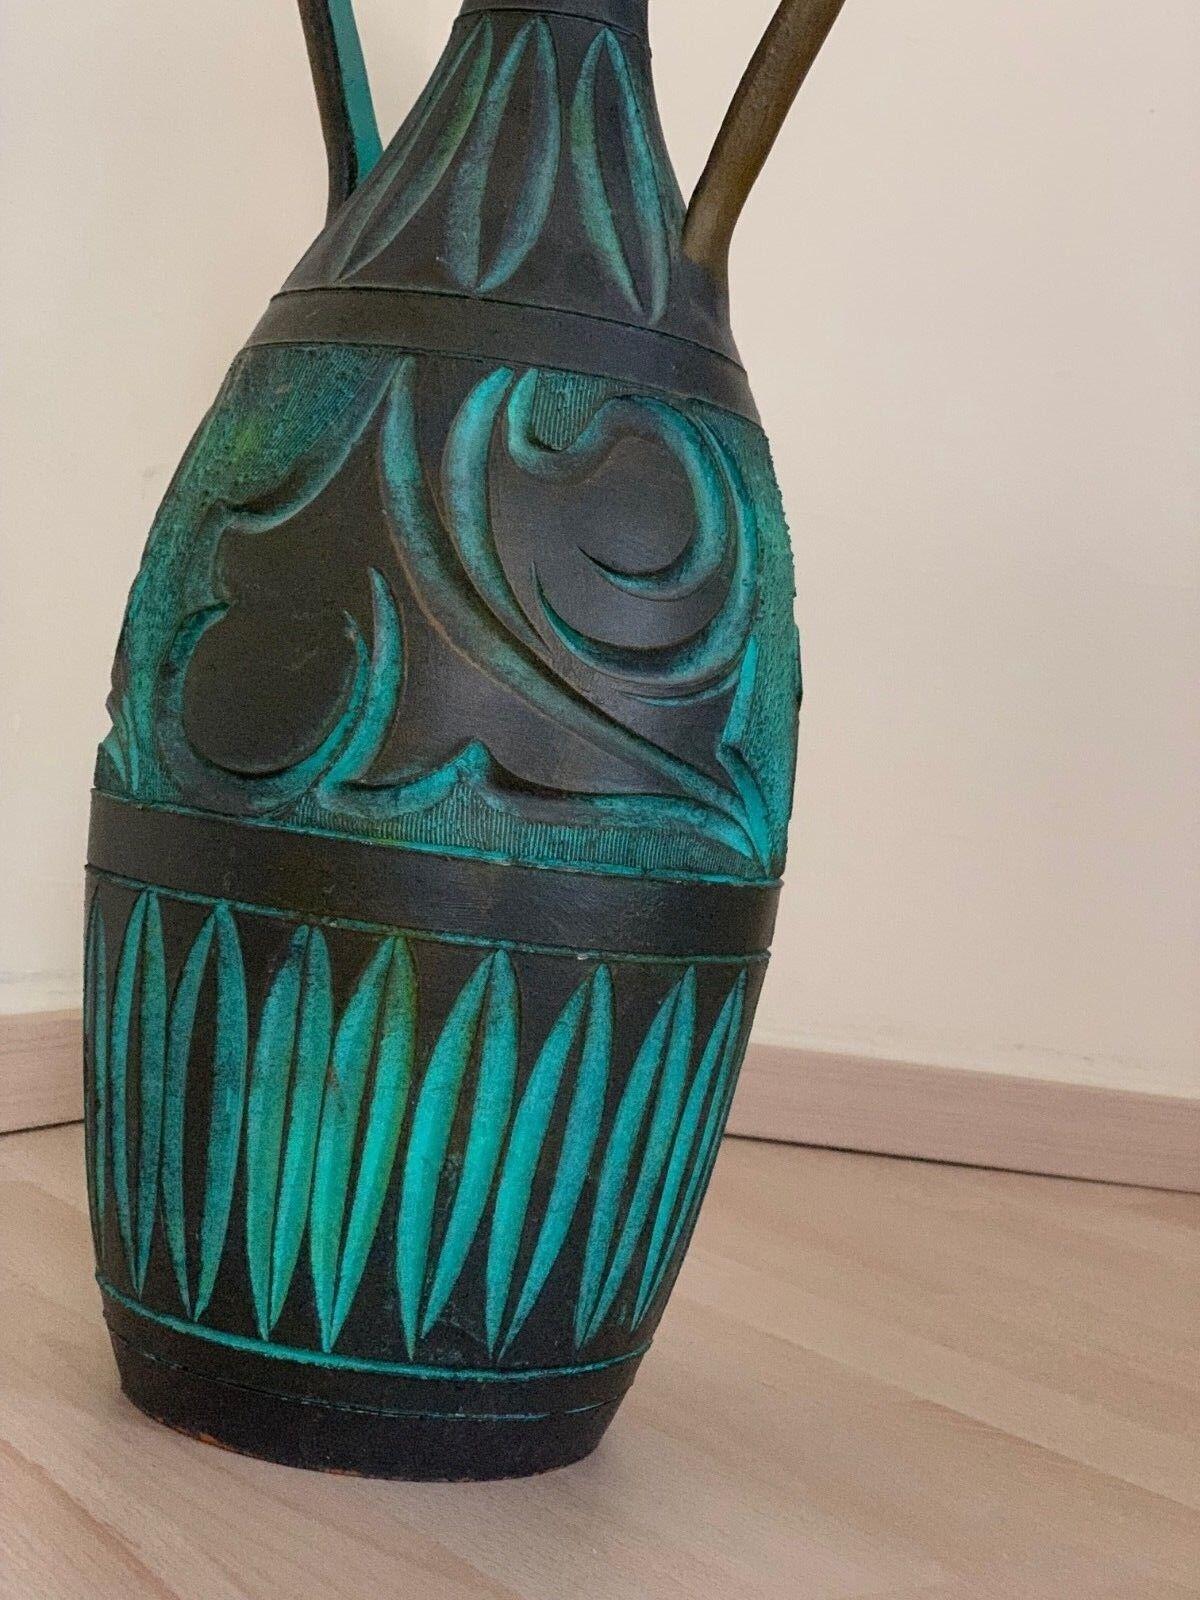 Bodenvase   Ampore GROSS EDEL SCHWER ca. 65 cm cm cm hoch, ca. 5,6 kg  SIEHE FOTOS   Lassen Sie unsere Produkte in die Welt gehen  95b060